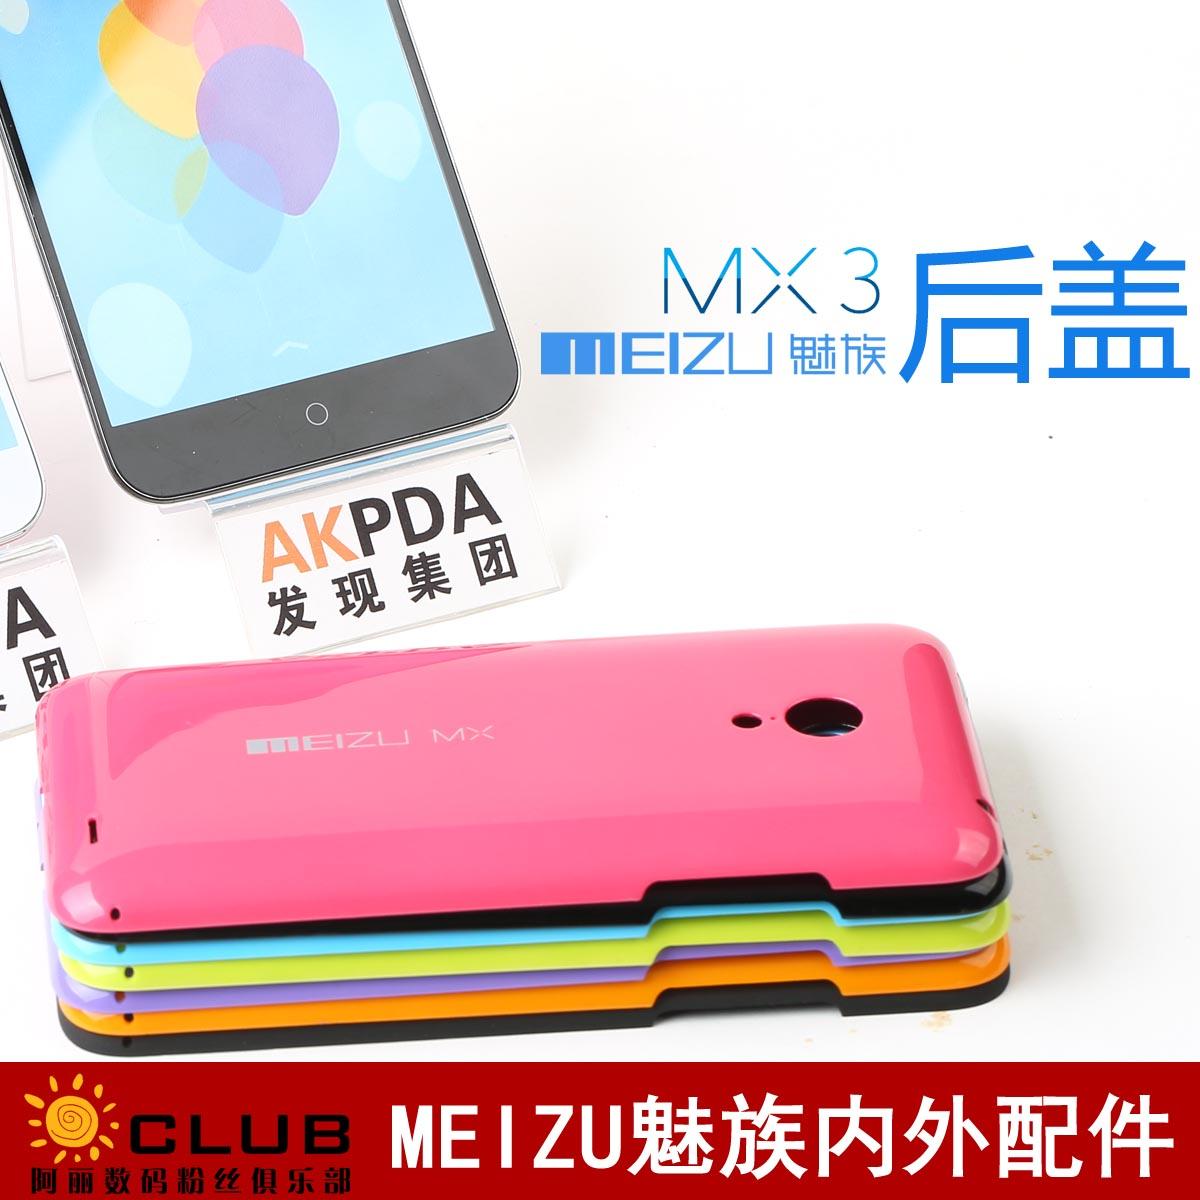 Запчасти для мобильных телефонов Meizu  MX3 запчасти для мобильных телефонов 0 m7 hs1300 v0md601